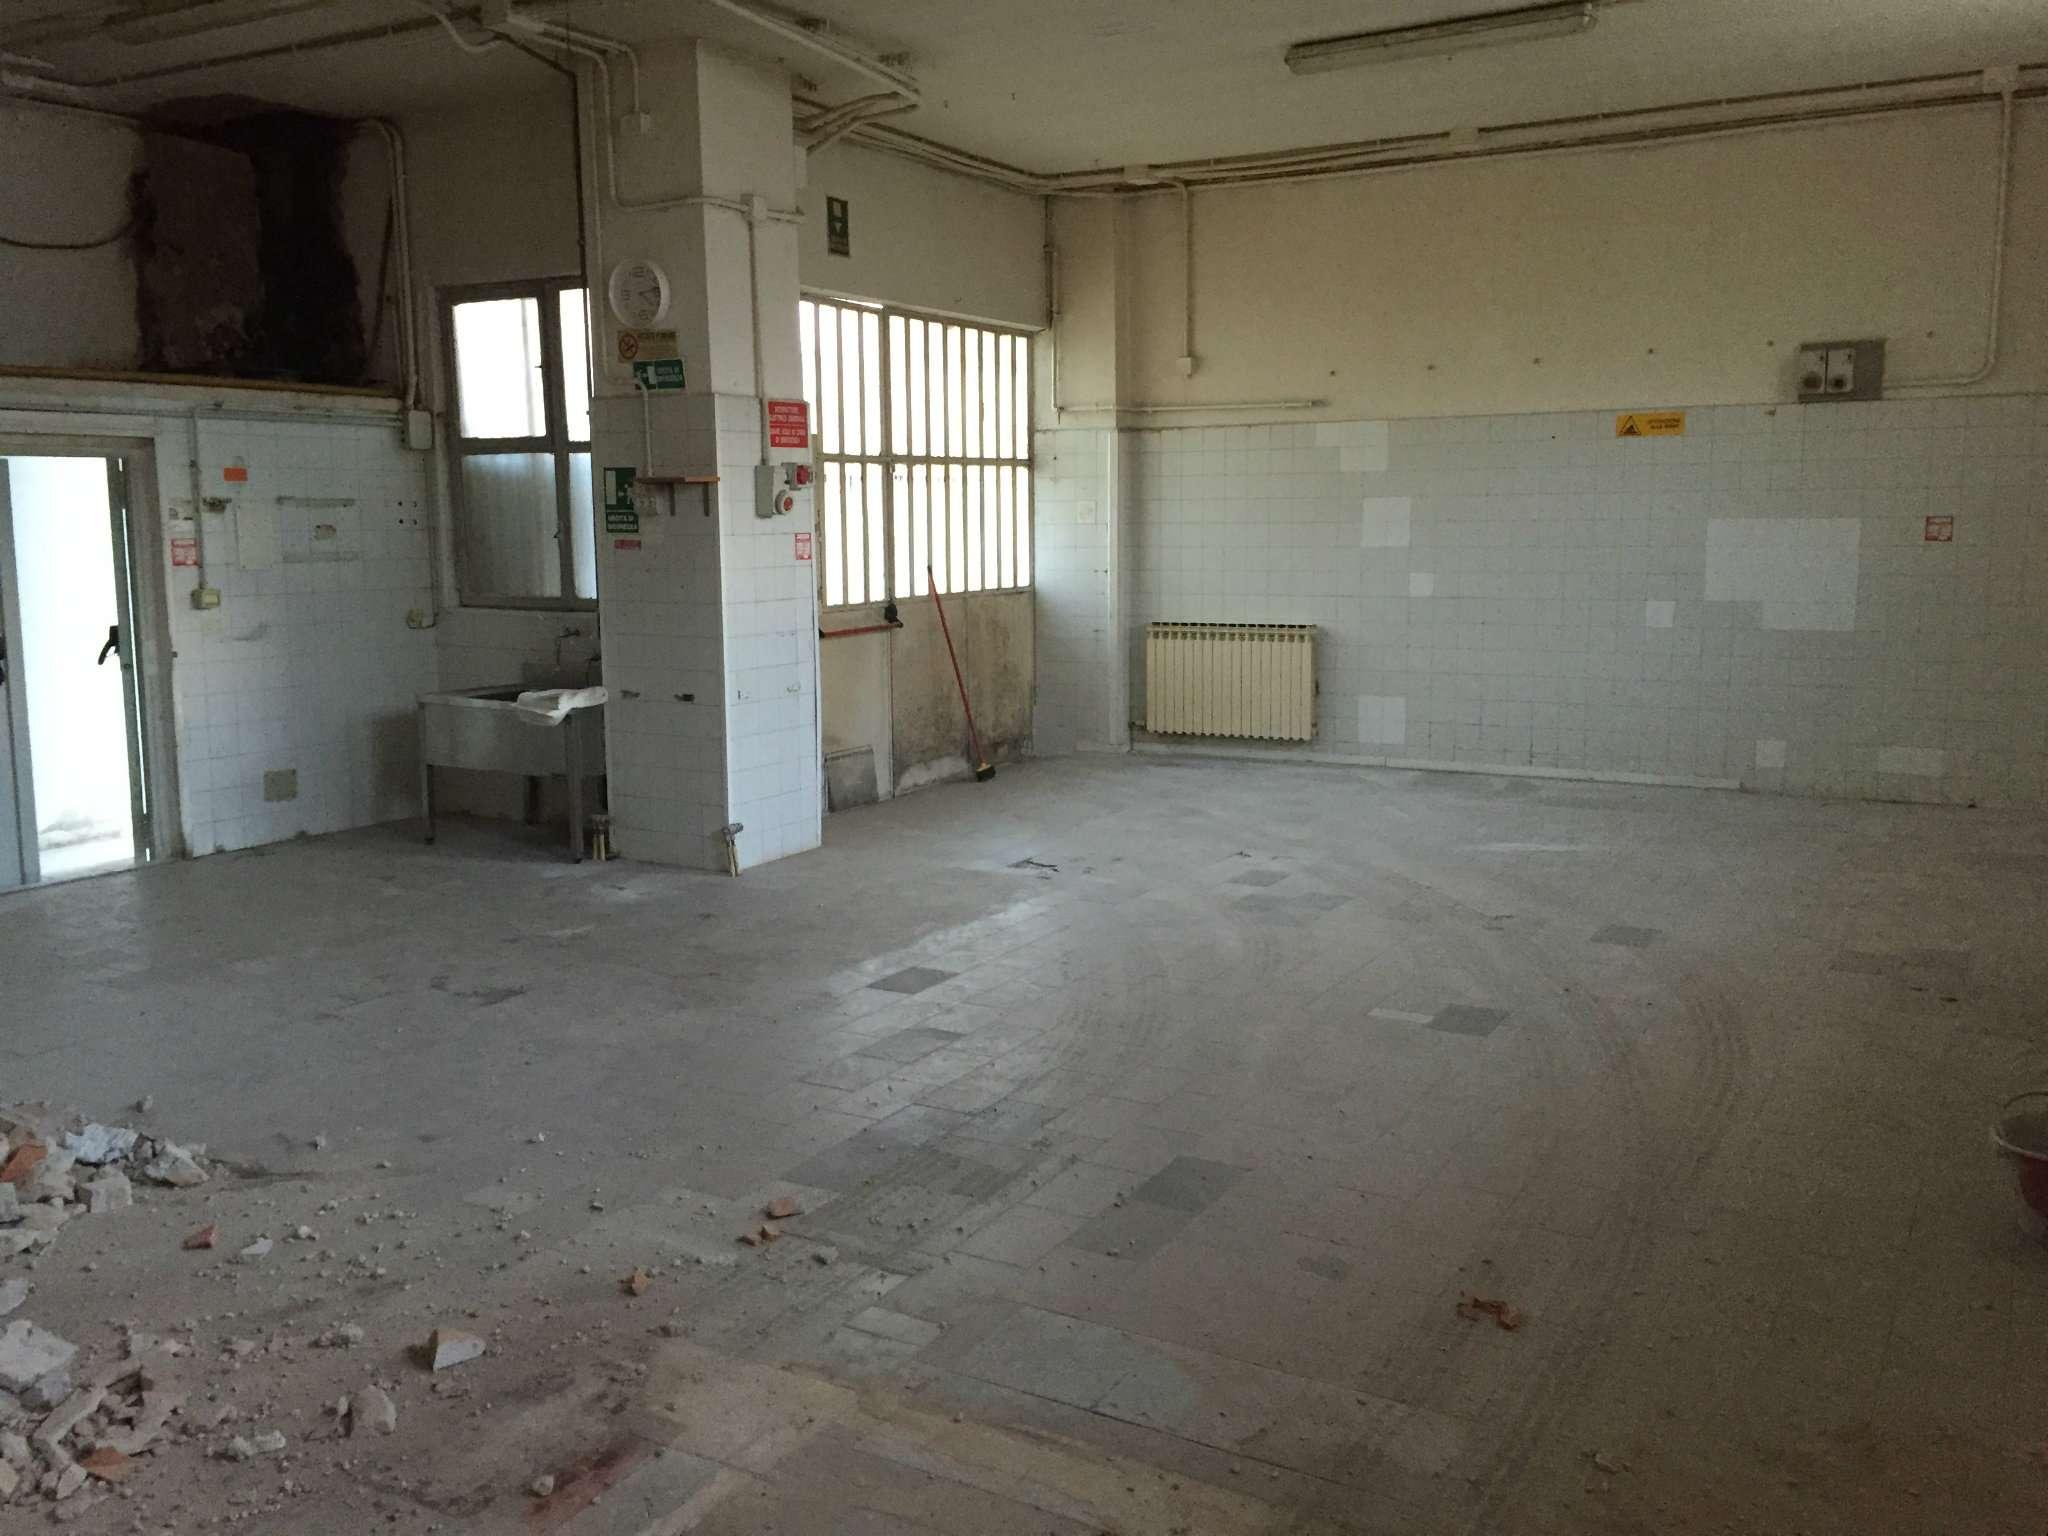 Laboratorio in affitto a Avigliana, 1 locali, prezzo € 400 | CambioCasa.it